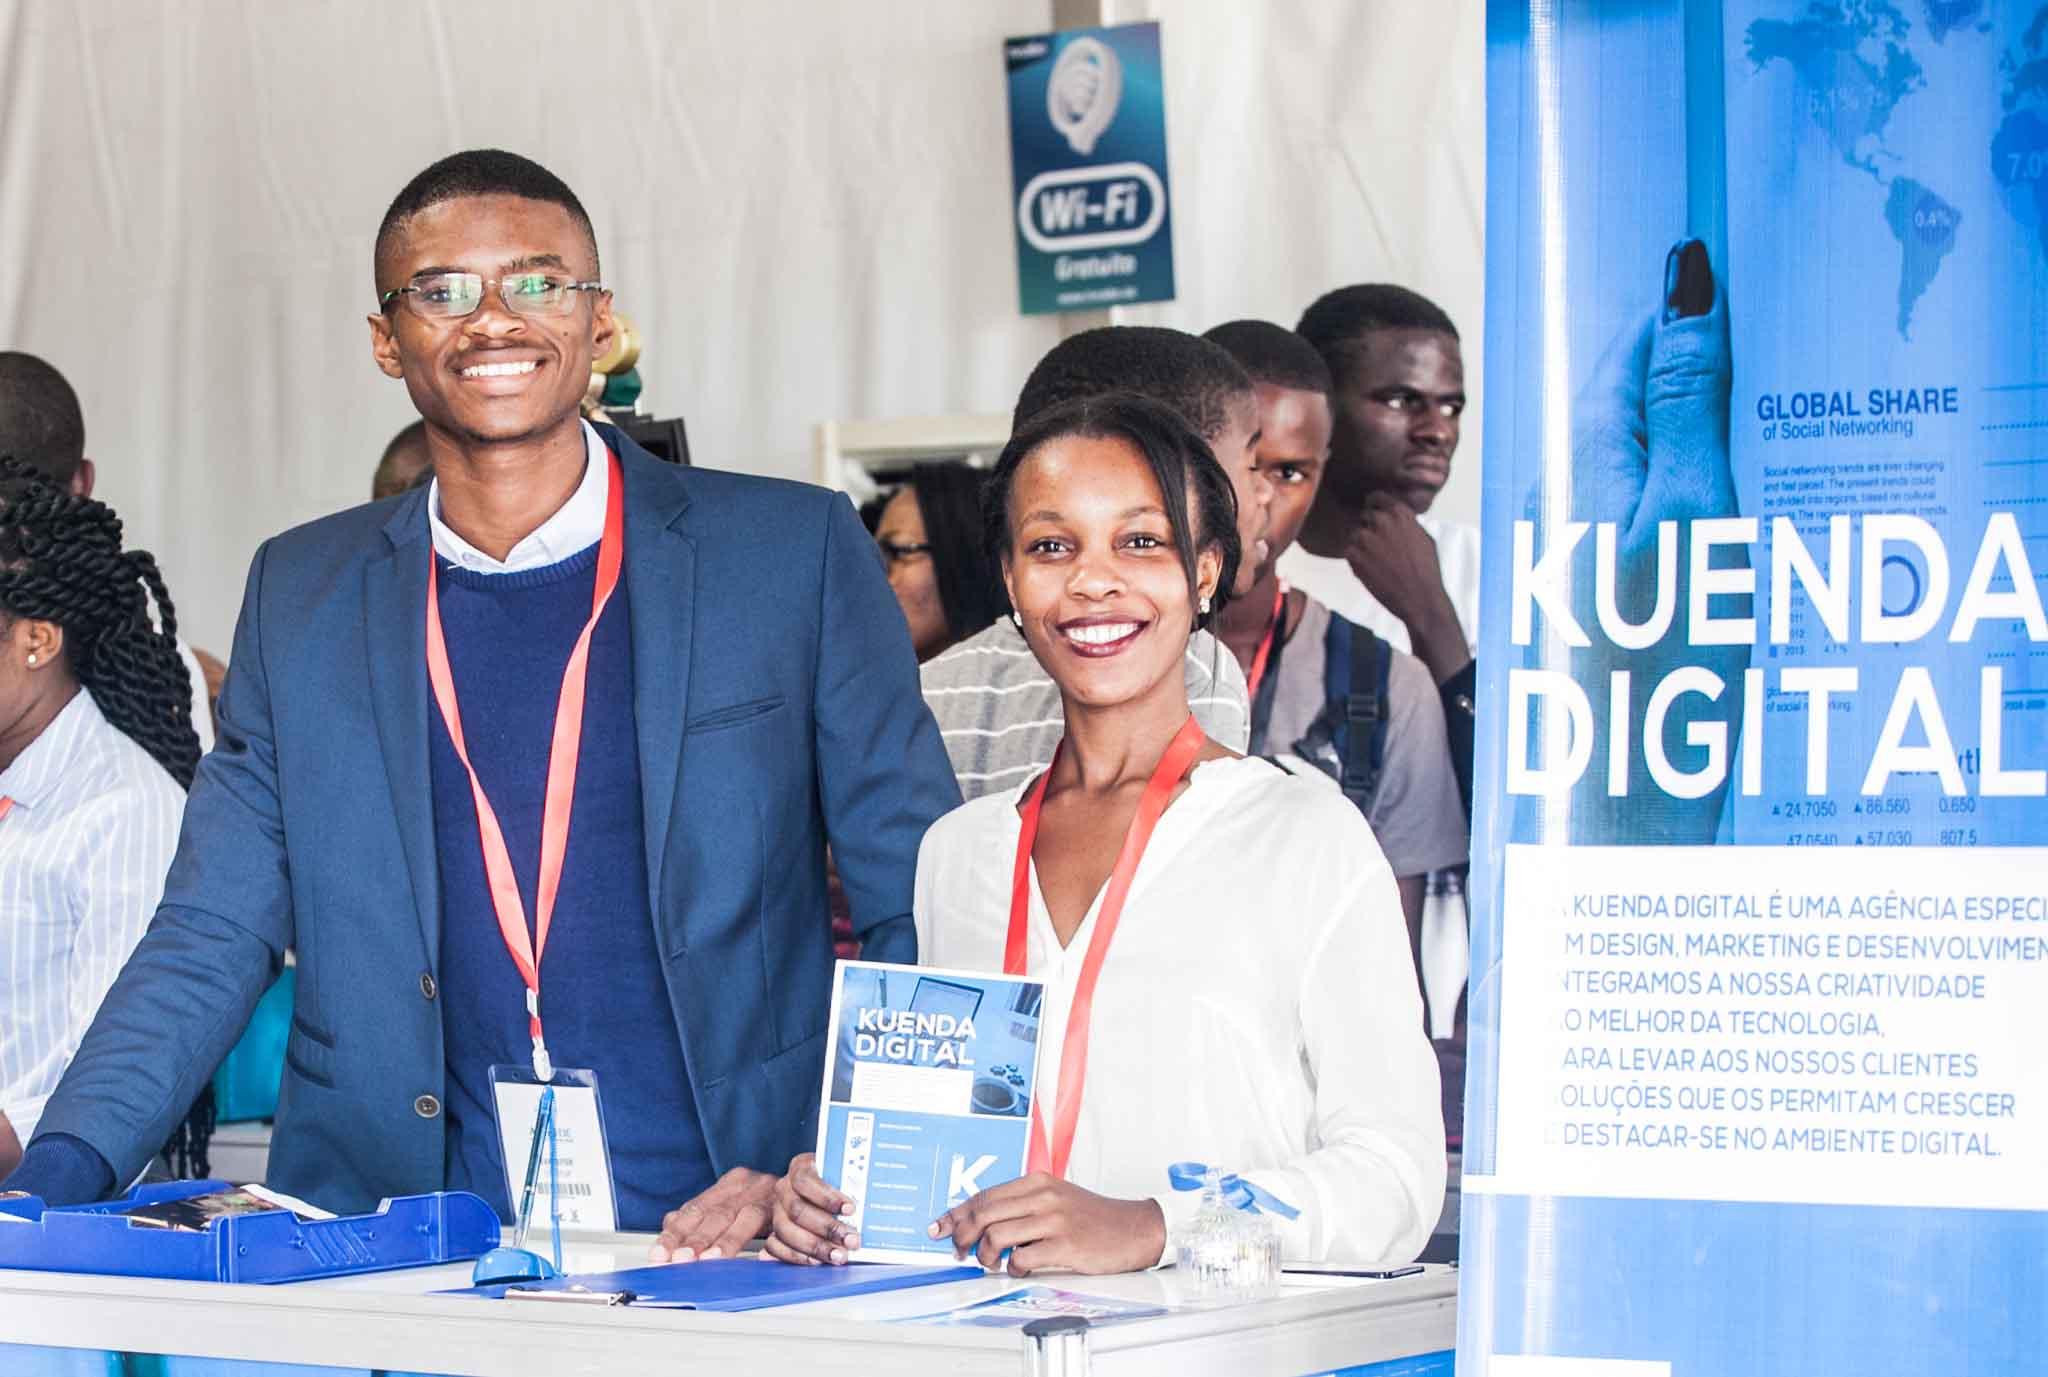 """Kuenda Digital, uma """"mediadora"""" para as empresas na relação com os clientes"""